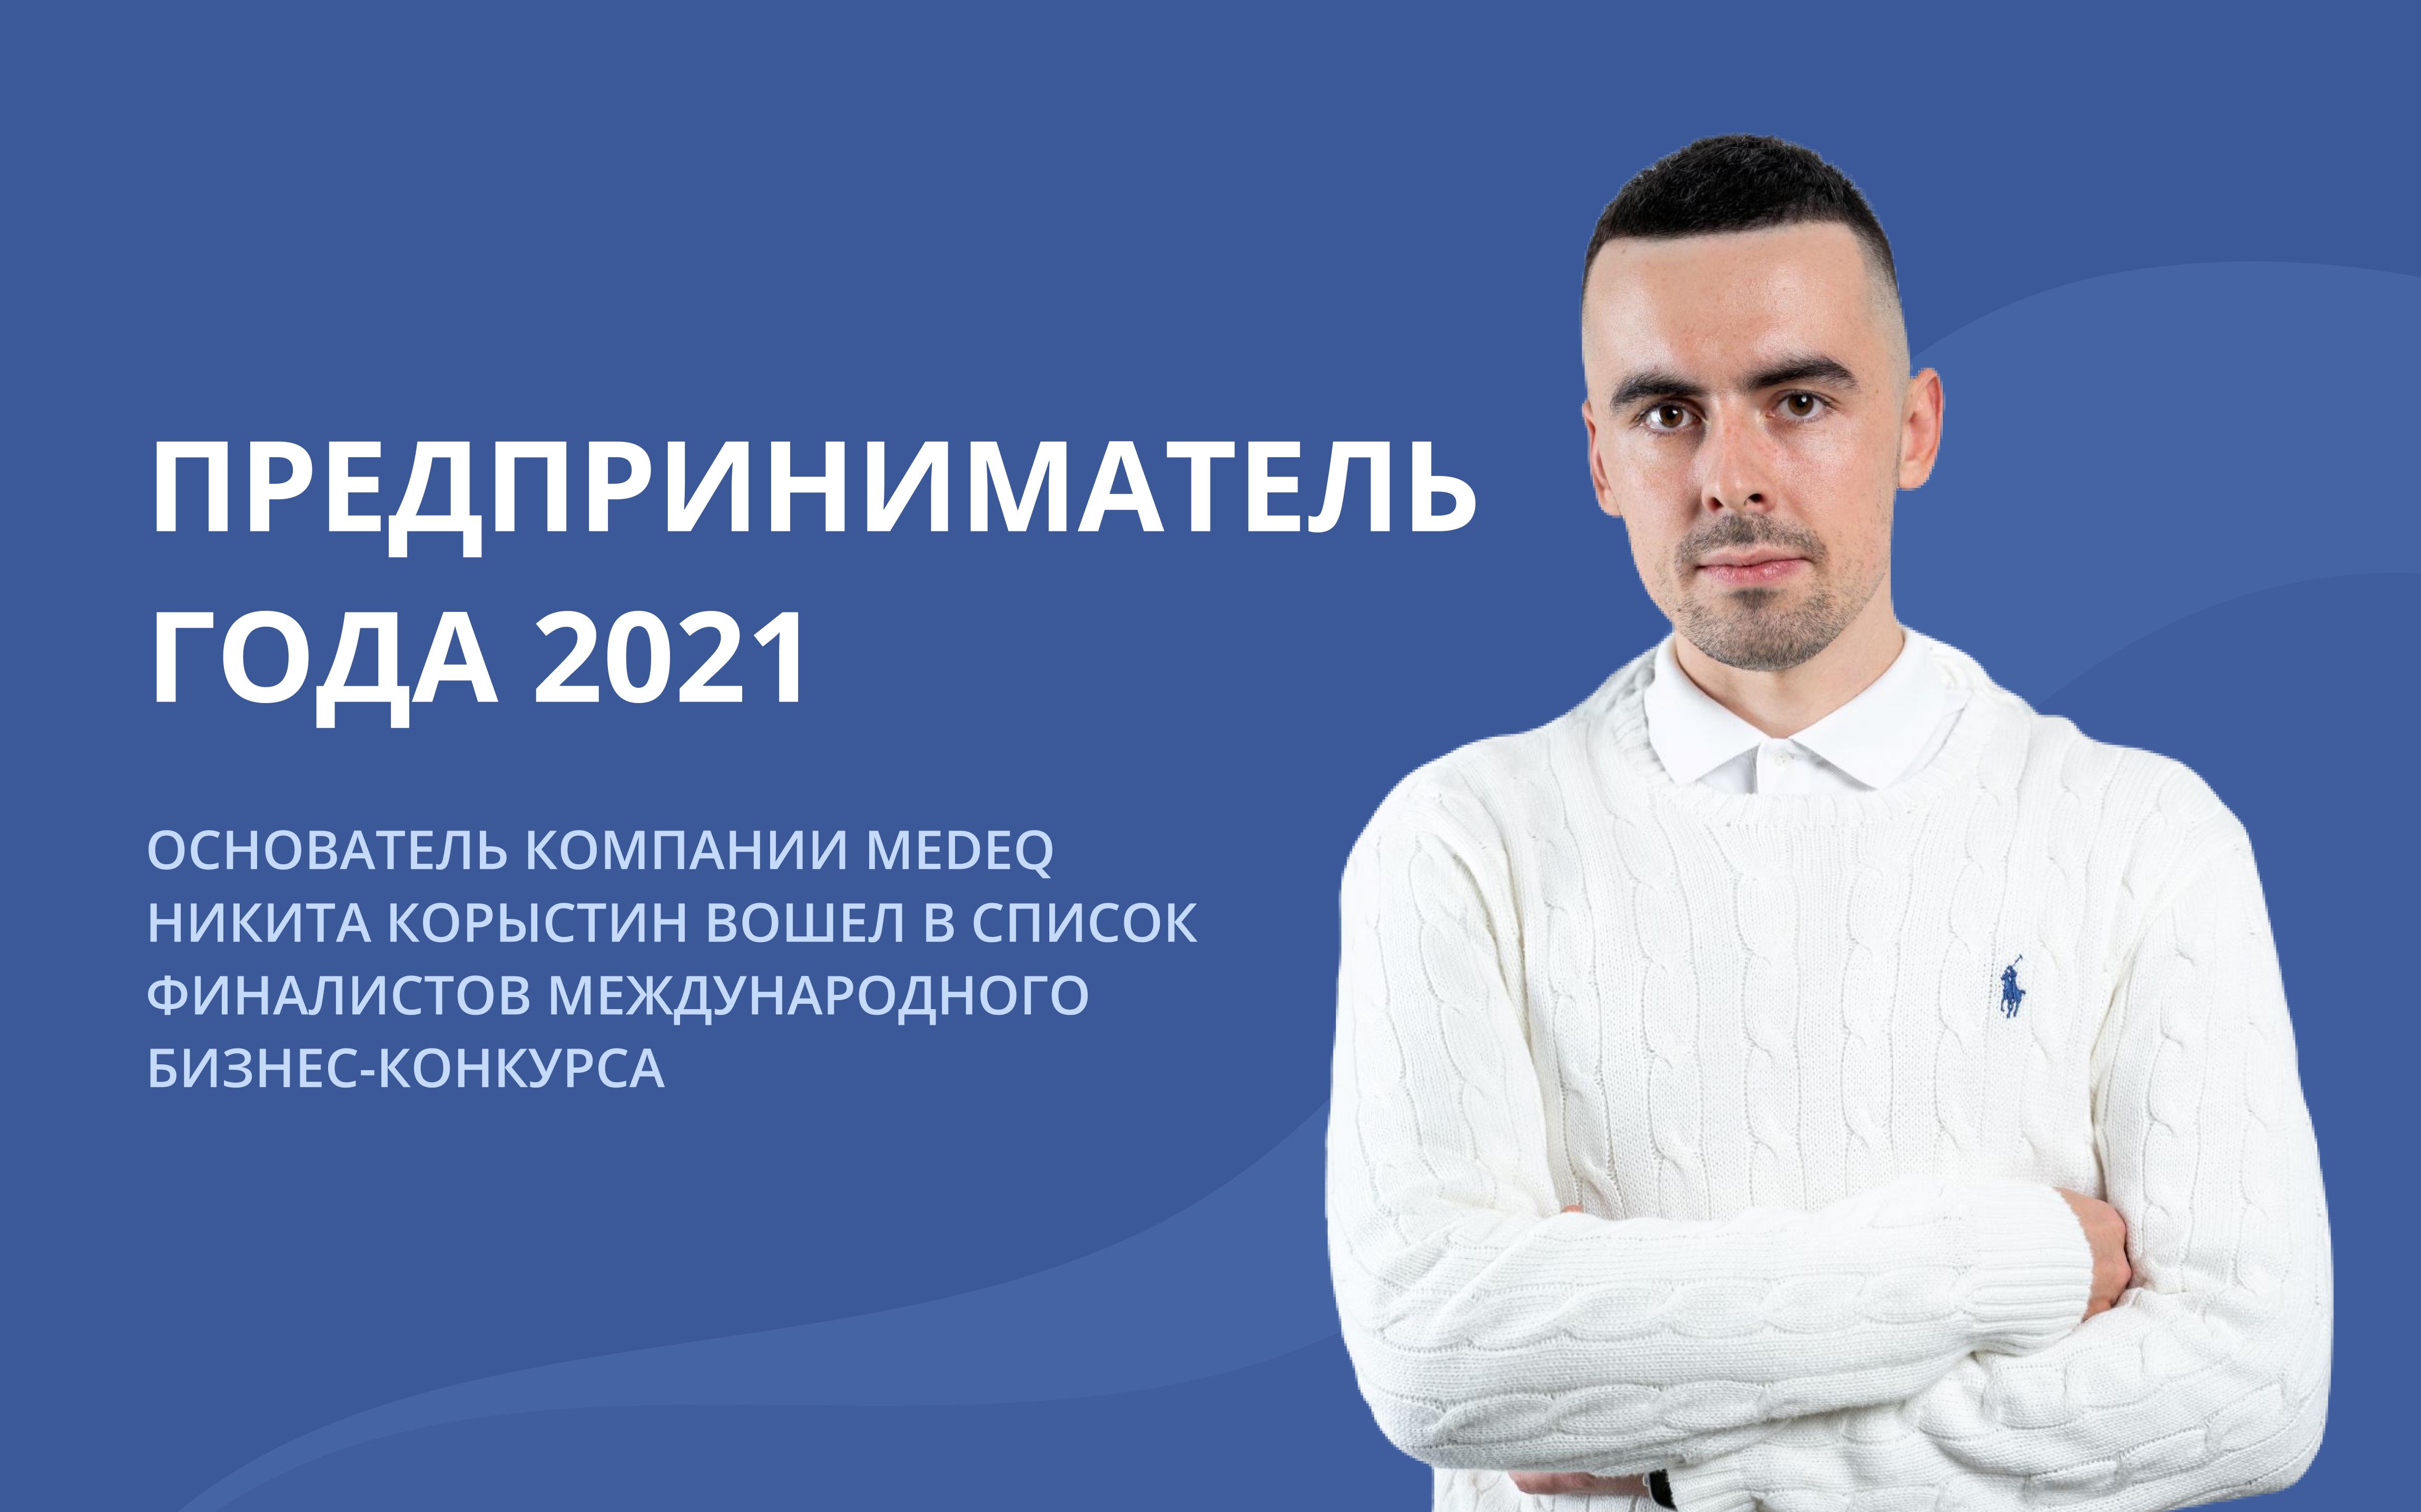 Основатель компании MEDEQ Никита Корыстин вошел в список финалистов международного бизнес-конкурса «Предприниматель года 2021»